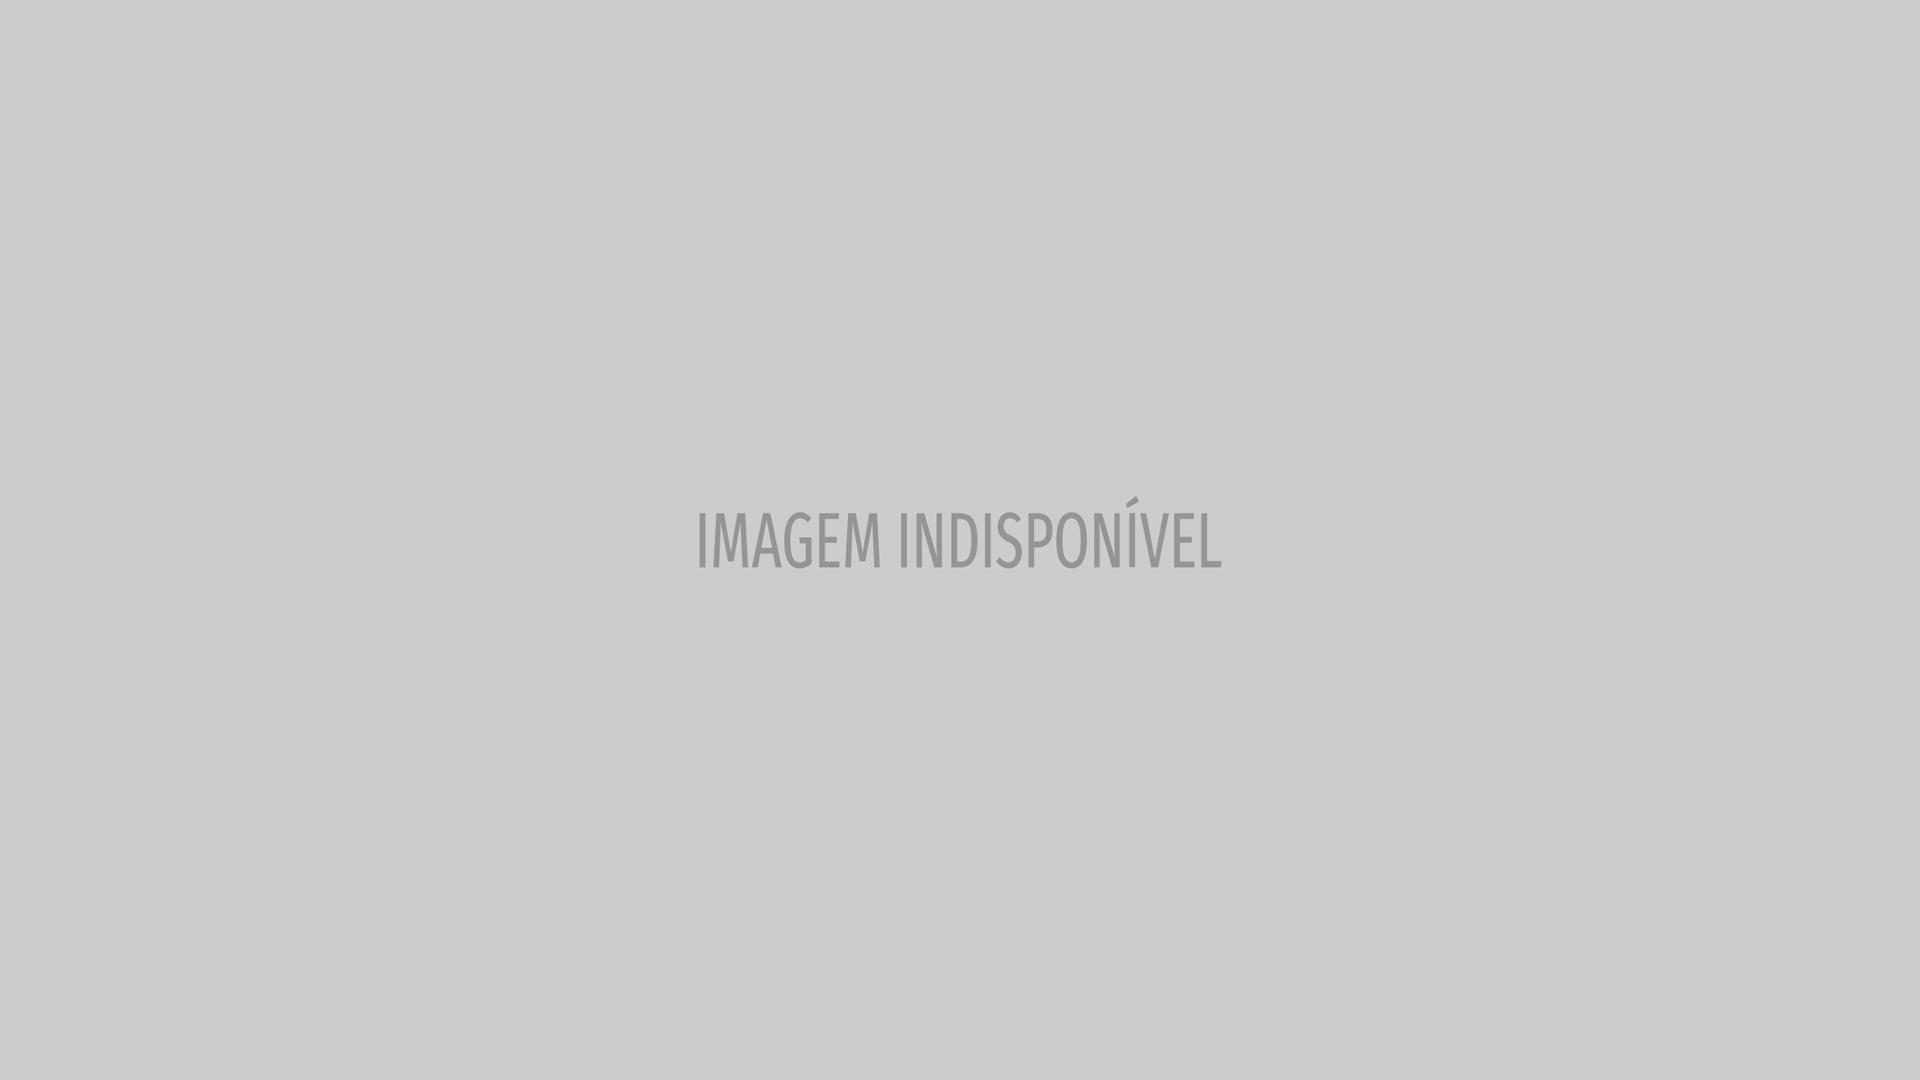 Novidades sobre os gémeos de CR7: Dolores Aveiro partilha foto dos bebés